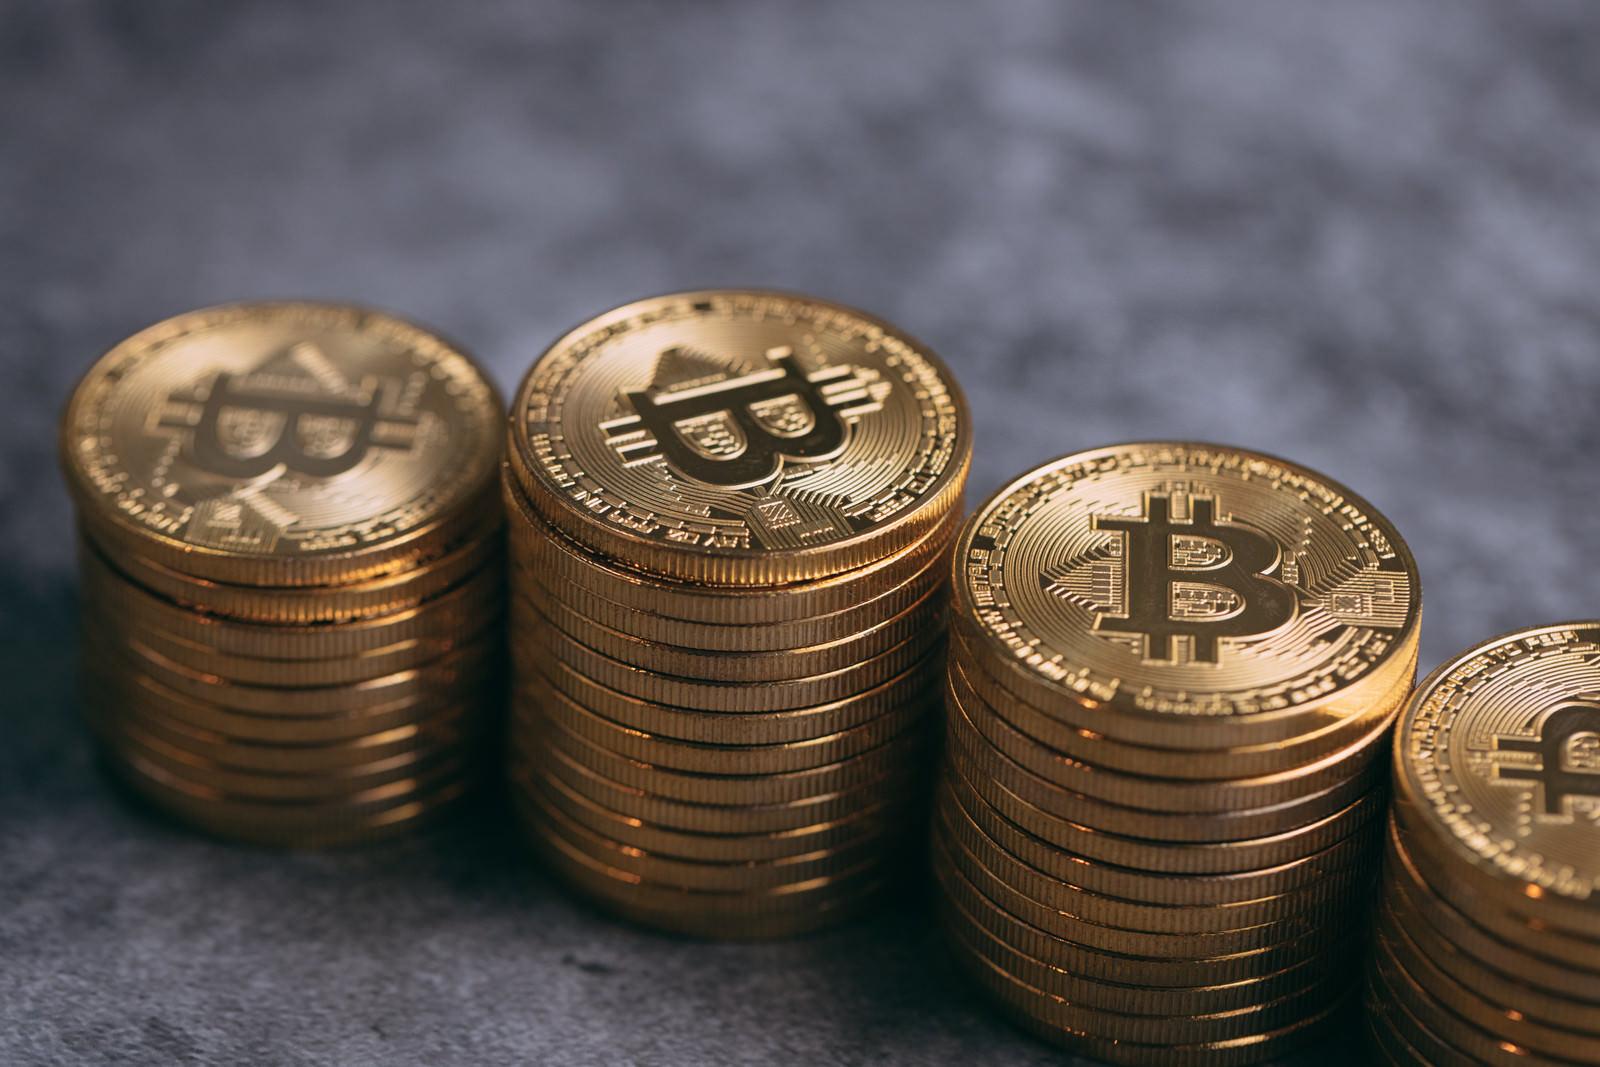 「黄金色の積み上げたビットコイン」の写真